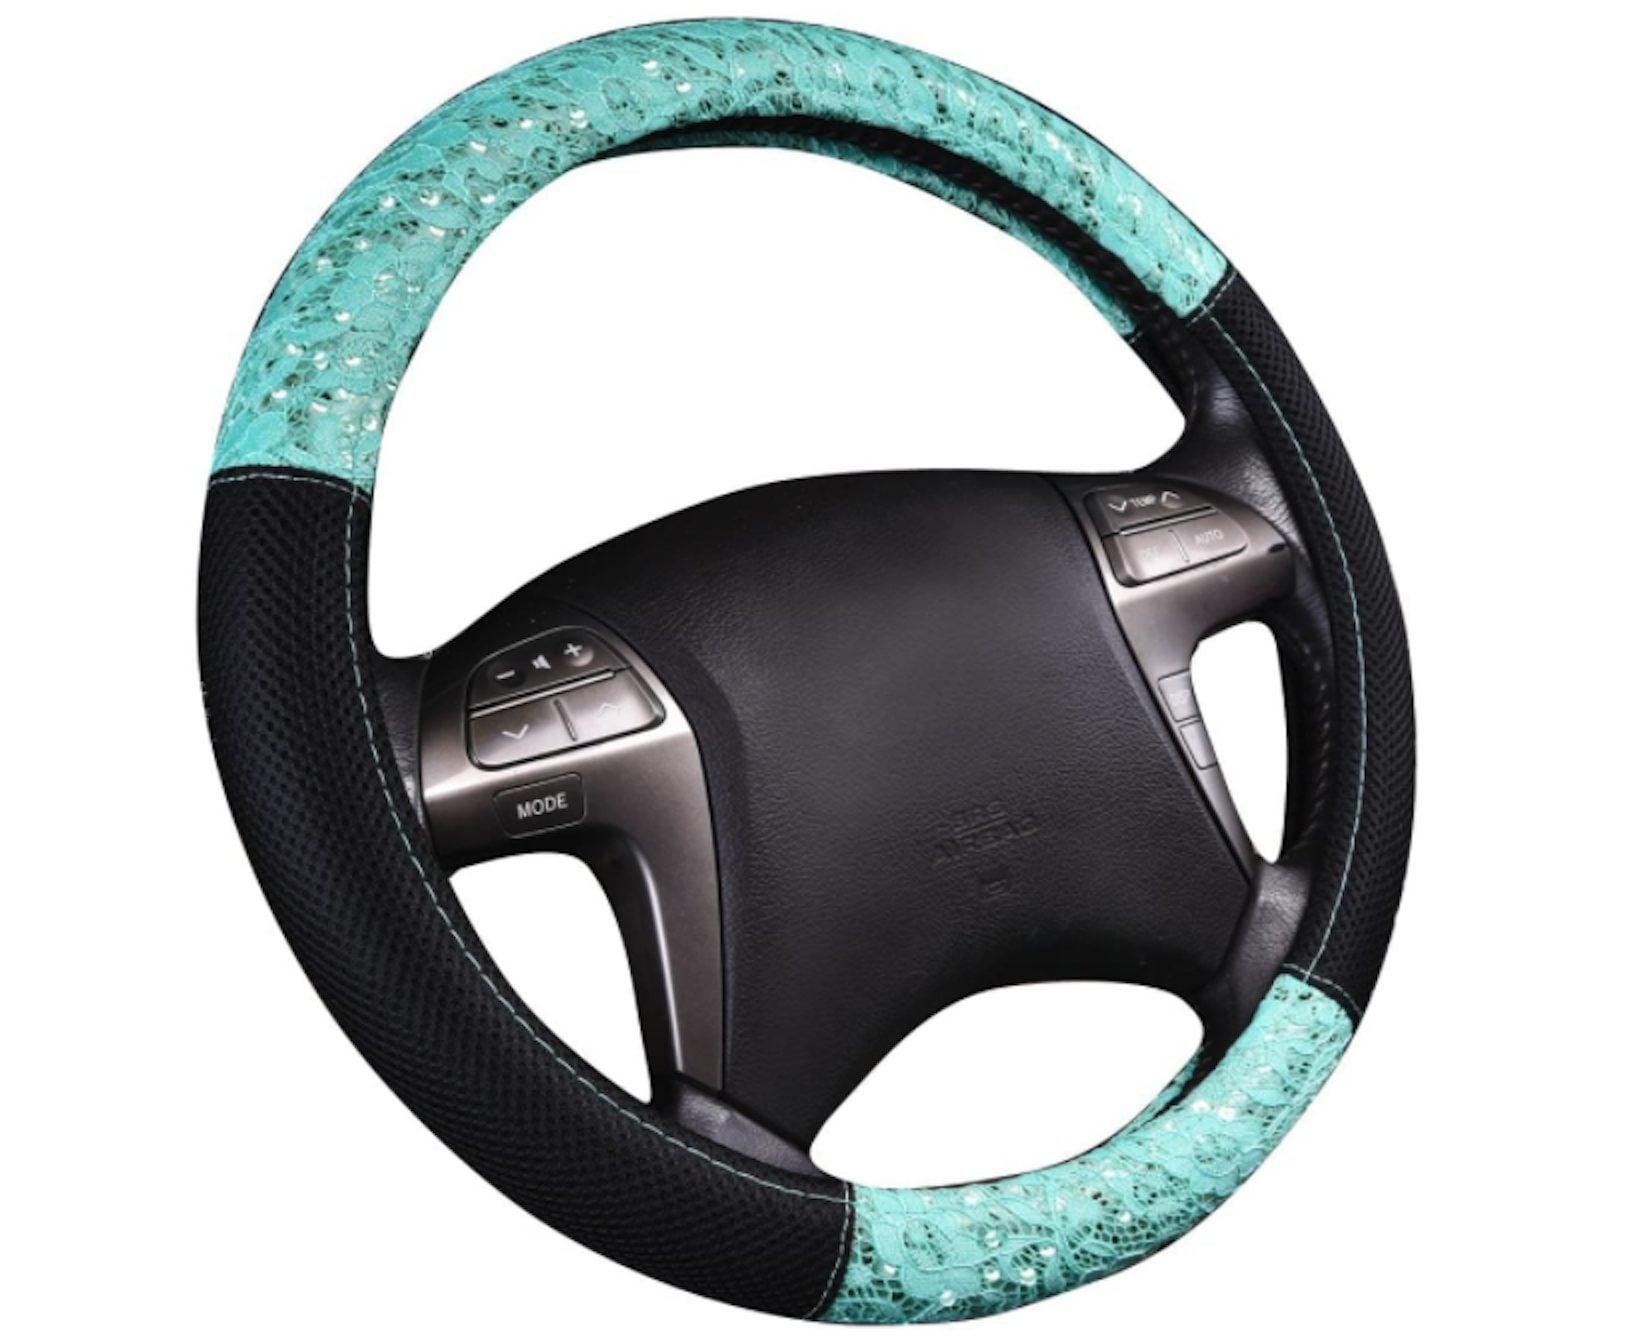 Coprivolante per auto universale tipo D,ihreesy Coprivolante per auto Coprivolante con strass glitter Bling Coprivolante antiscivolo Coprivolante lussuoso Coprivolante caldo peluche 38 cm,Colorato